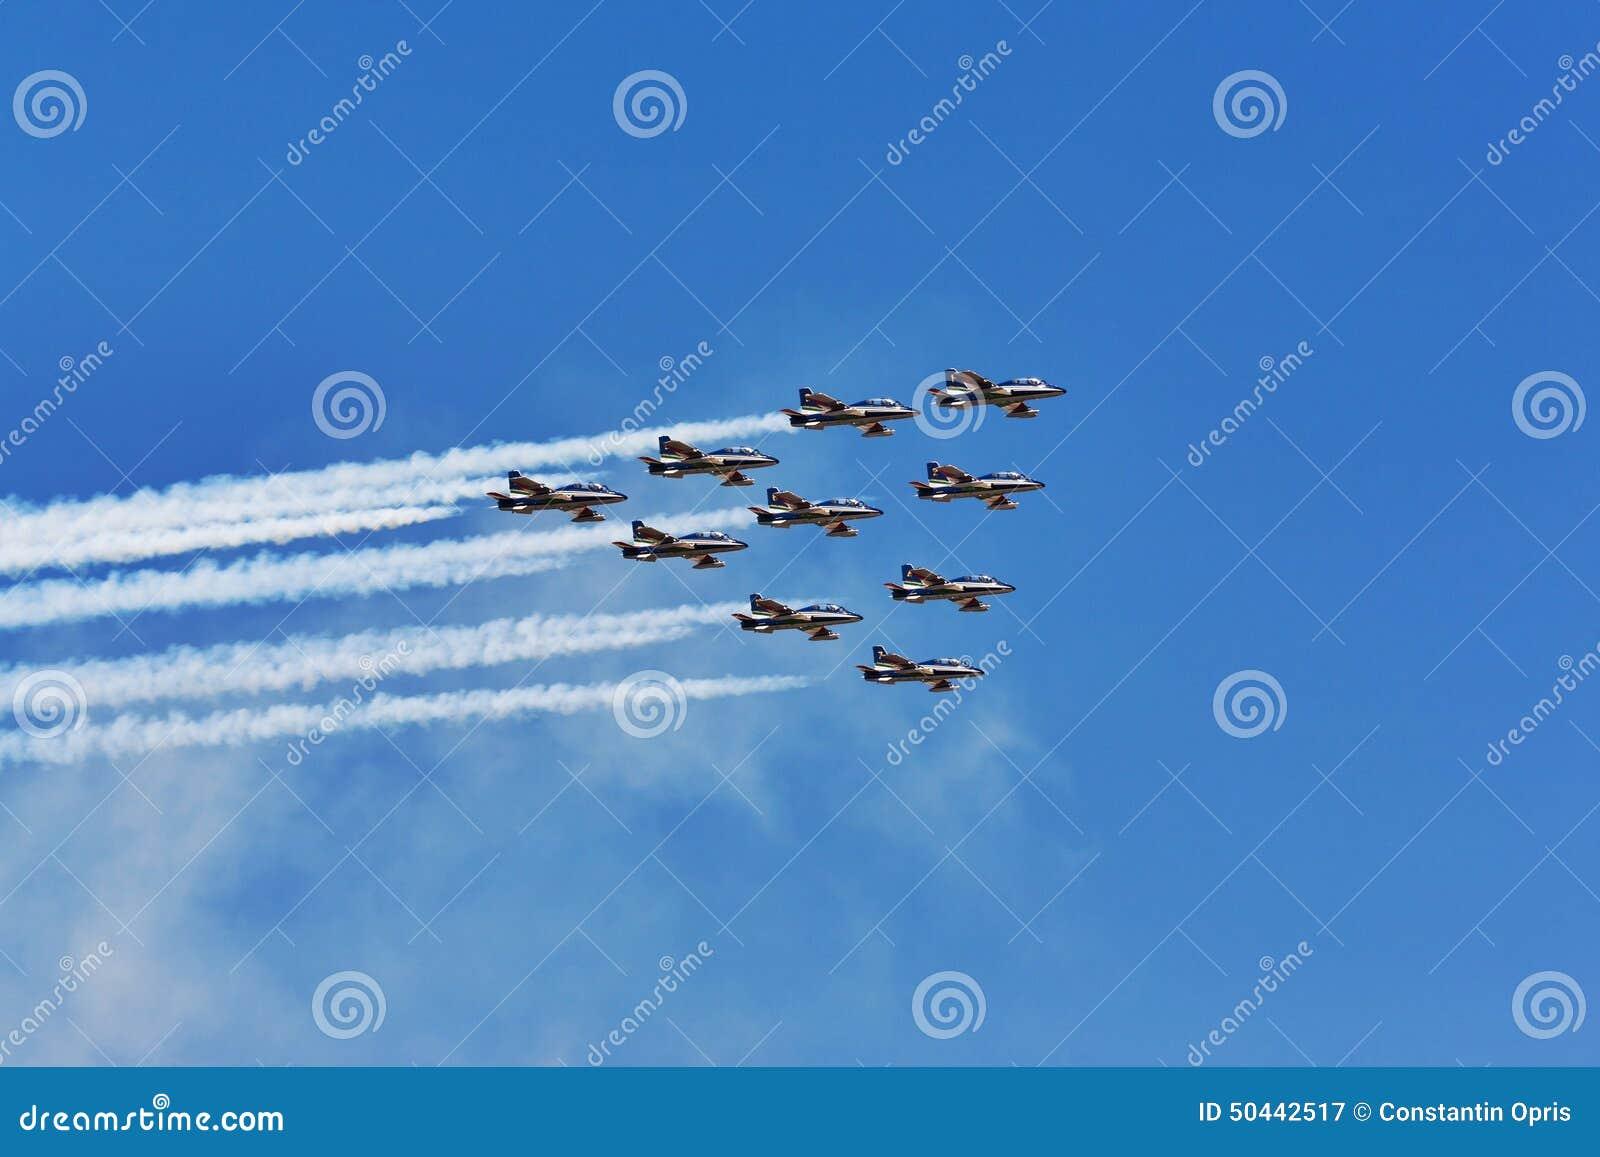 Frecce Tricolori飞机